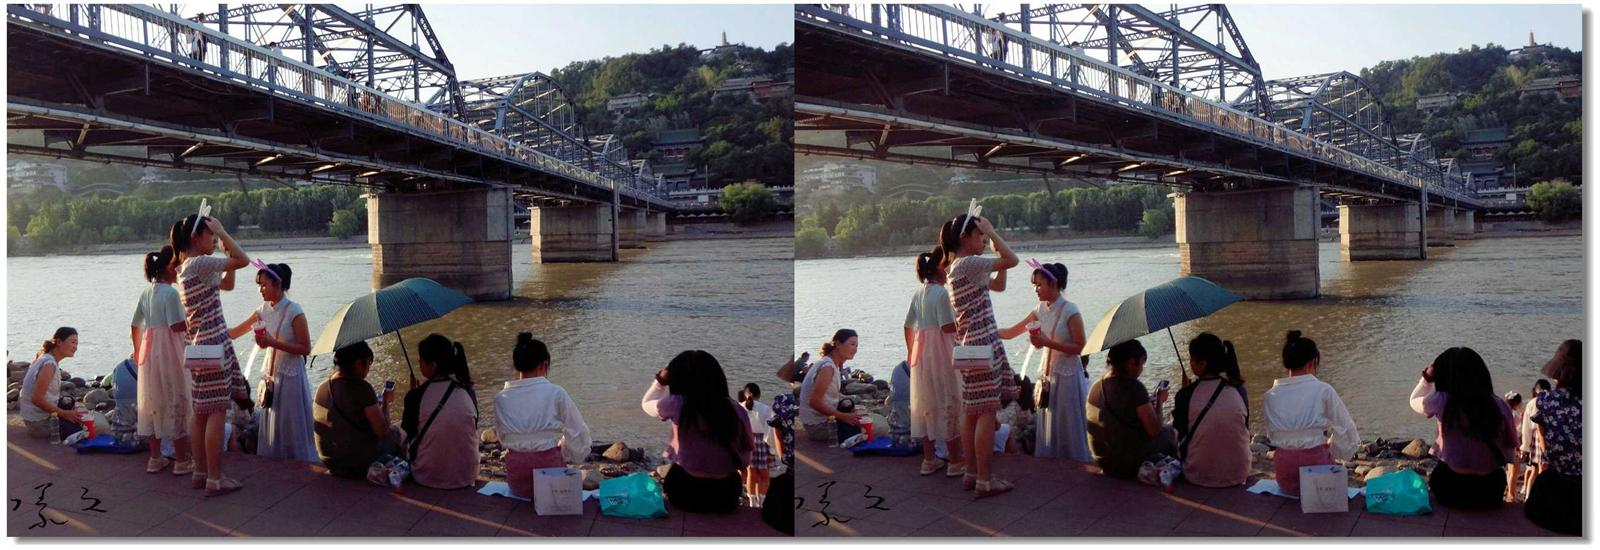 【原创】黄河铁桥下的风景 -1